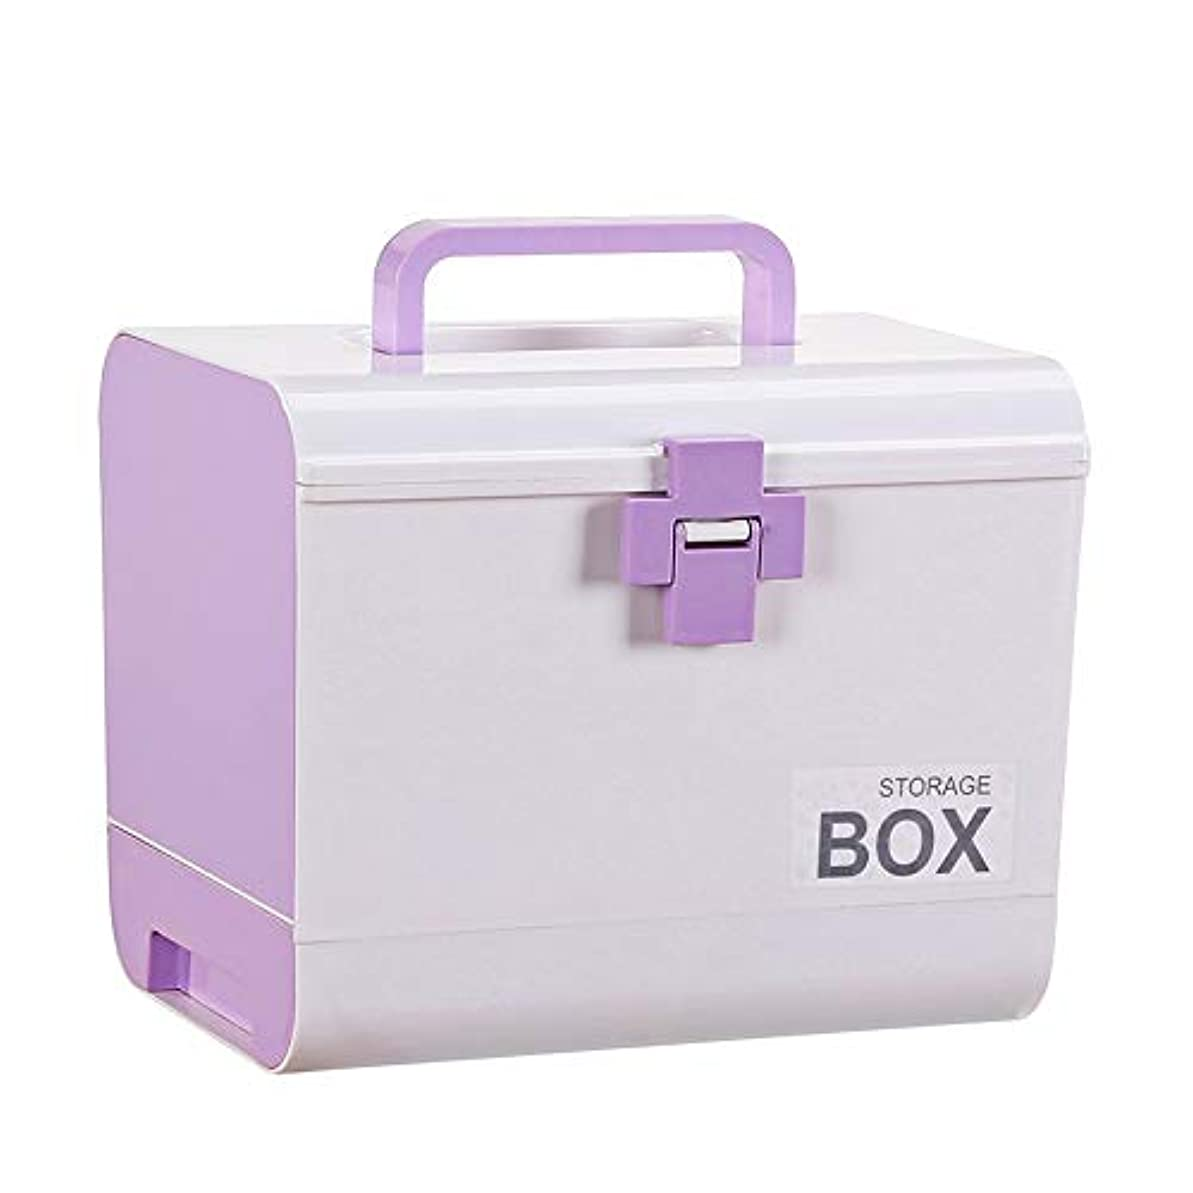 QD-SGMP 救急箱 薬箱 ドラッグケース 応急ボックス 家庭用 車用 収納ケース ツールボックス 薬入れ 小物入れ 収納化粧 多機能収納ケース 引き出し付き 大容量 耐荷重5.7KG(パープル)